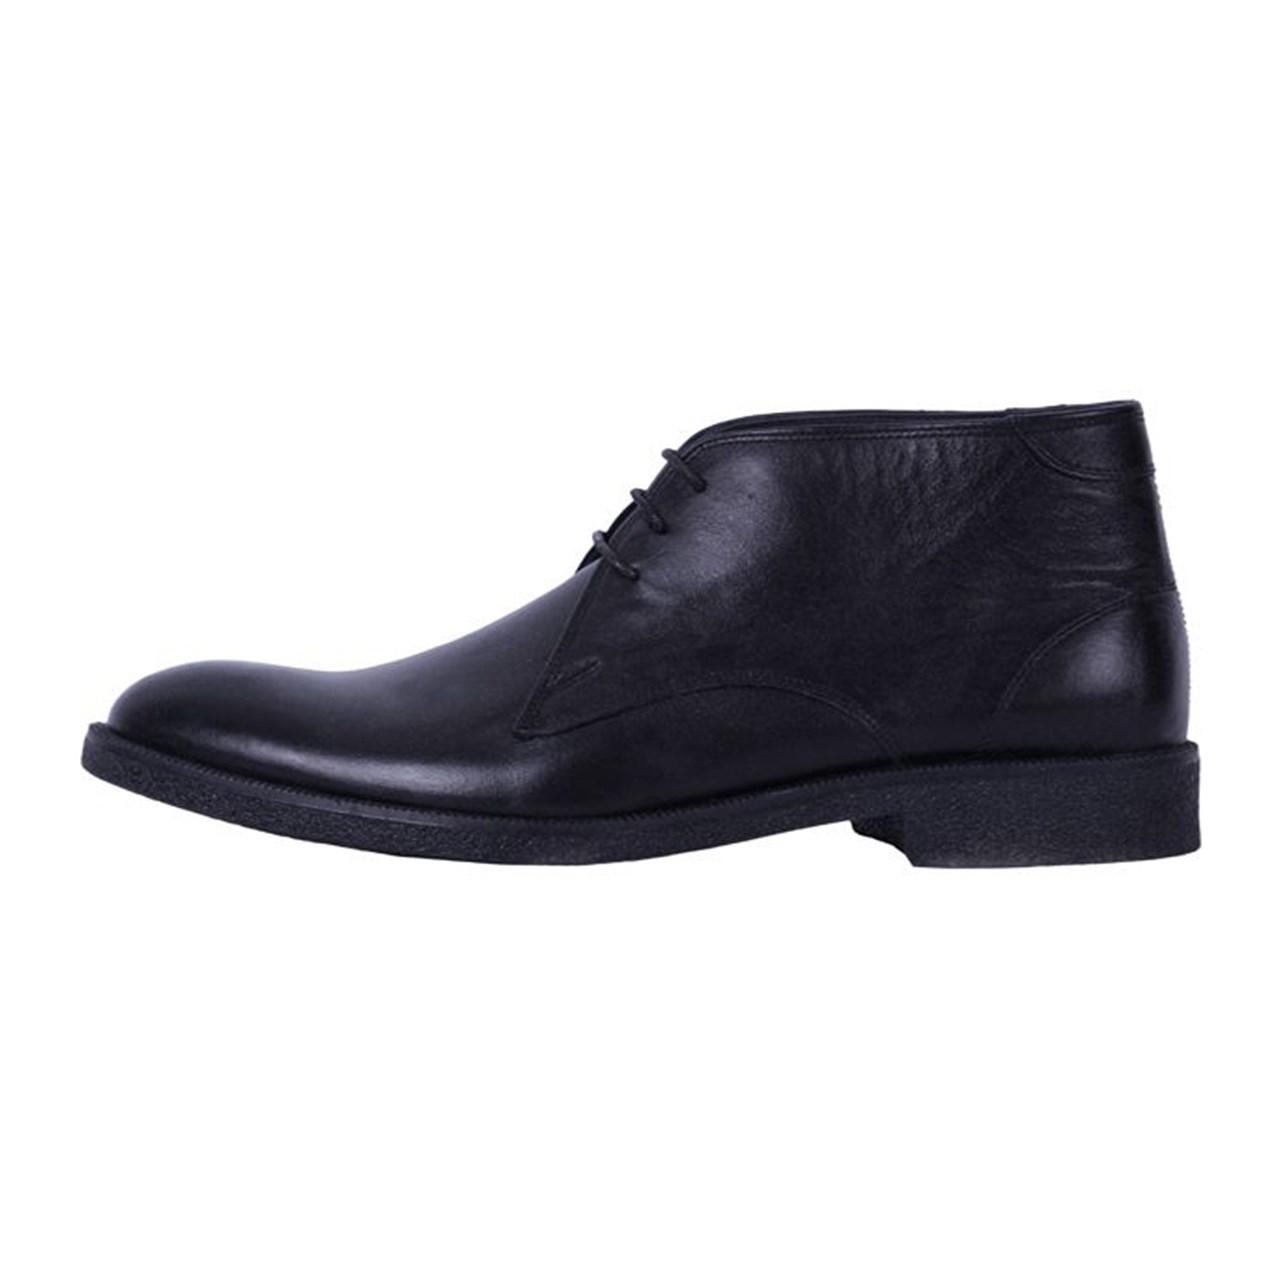 کفش چرم مهاجر مردانه مدل M12m